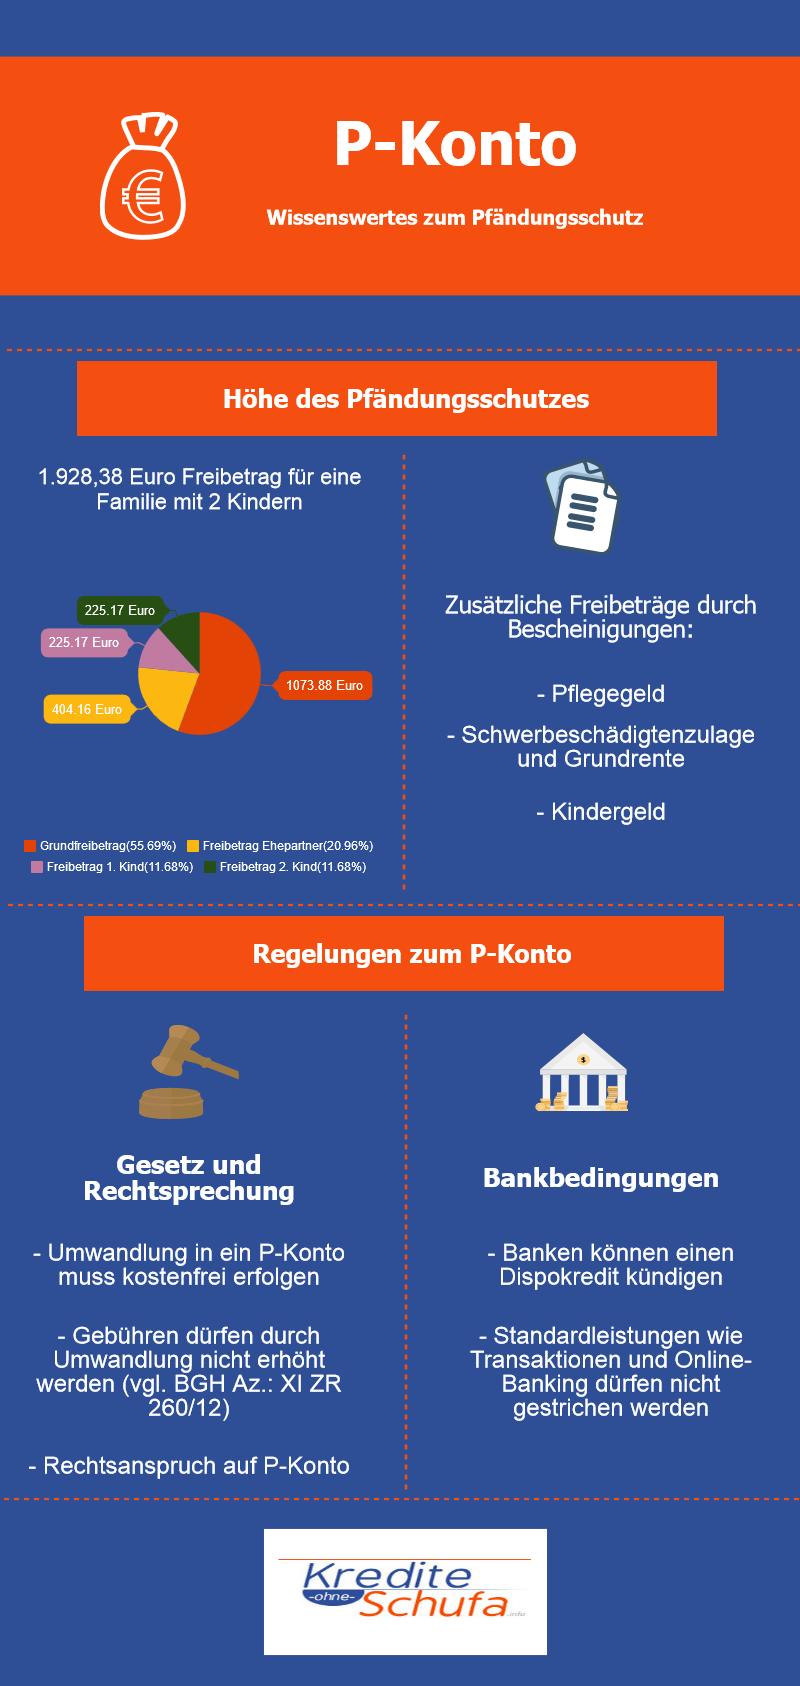 Infografik zum P-Konto